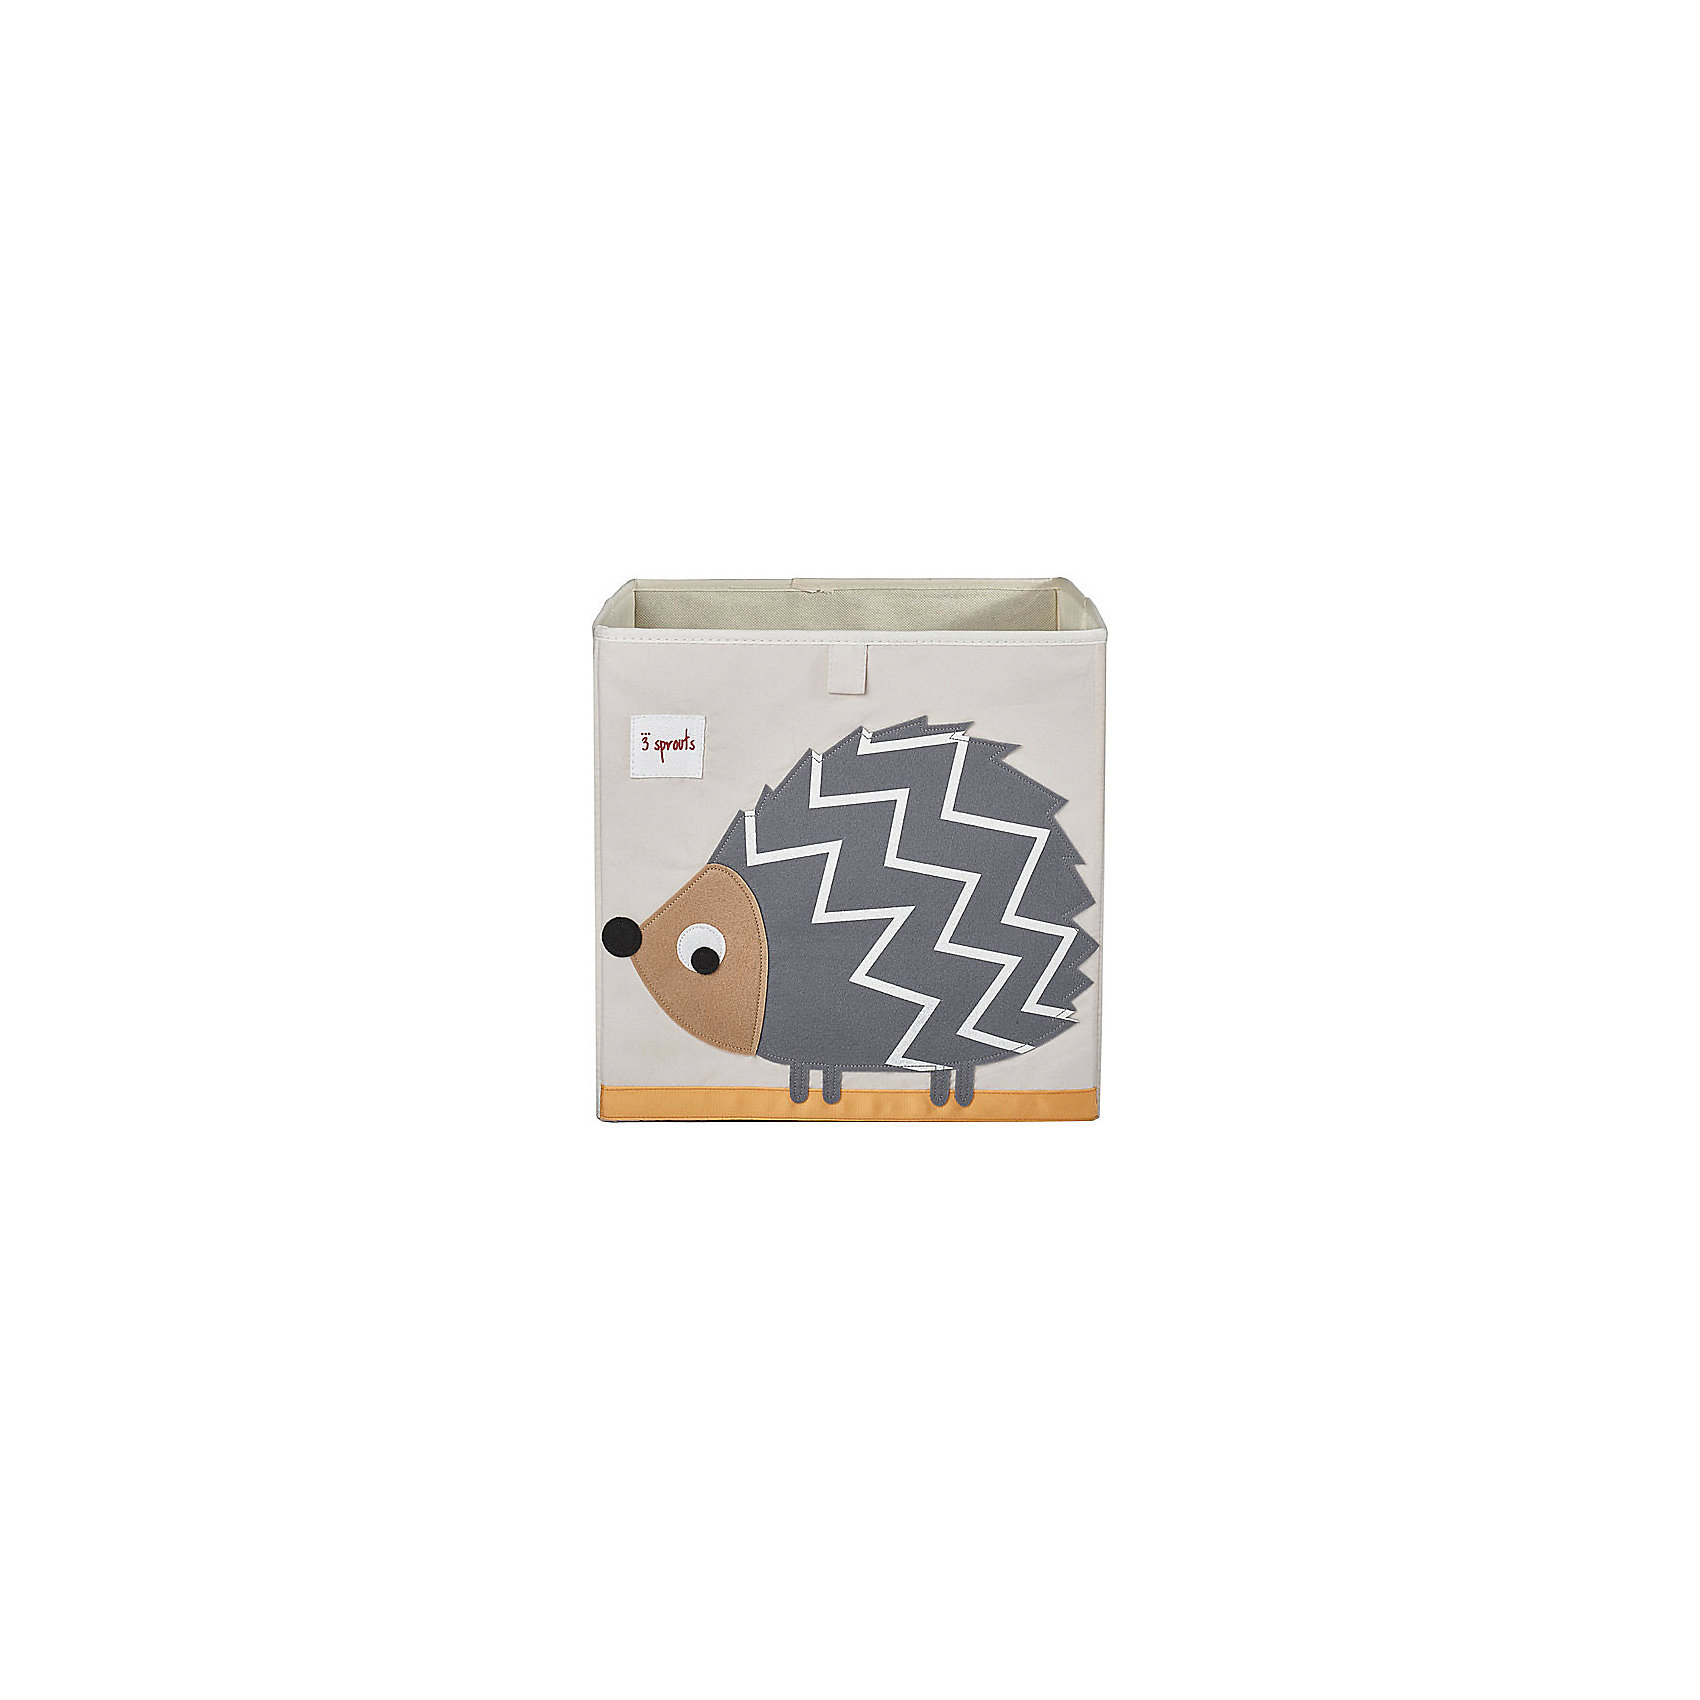 Коробка для хранения Ёжик (Grey HedgeHog SPR410), 3 SproutsКрасивая коробка - это не только место для хранения вещей, но и прекрасный декор любой комнаты.<br><br>Дополнительная информация:<br><br>- Размер: 33x33x33 см.<br>- Материал: полиэстер.<br>- Орнамент: Ёжик.<br><br>Купить коробку для хранения Ёжик (Grey HedgeHog ), можно в нашем магазине.<br><br>Ширина мм: 330<br>Глубина мм: 20<br>Высота мм: 330<br>Вес г: 830<br>Возраст от месяцев: 6<br>Возраст до месяцев: 84<br>Пол: Унисекс<br>Возраст: Детский<br>SKU: 5098228